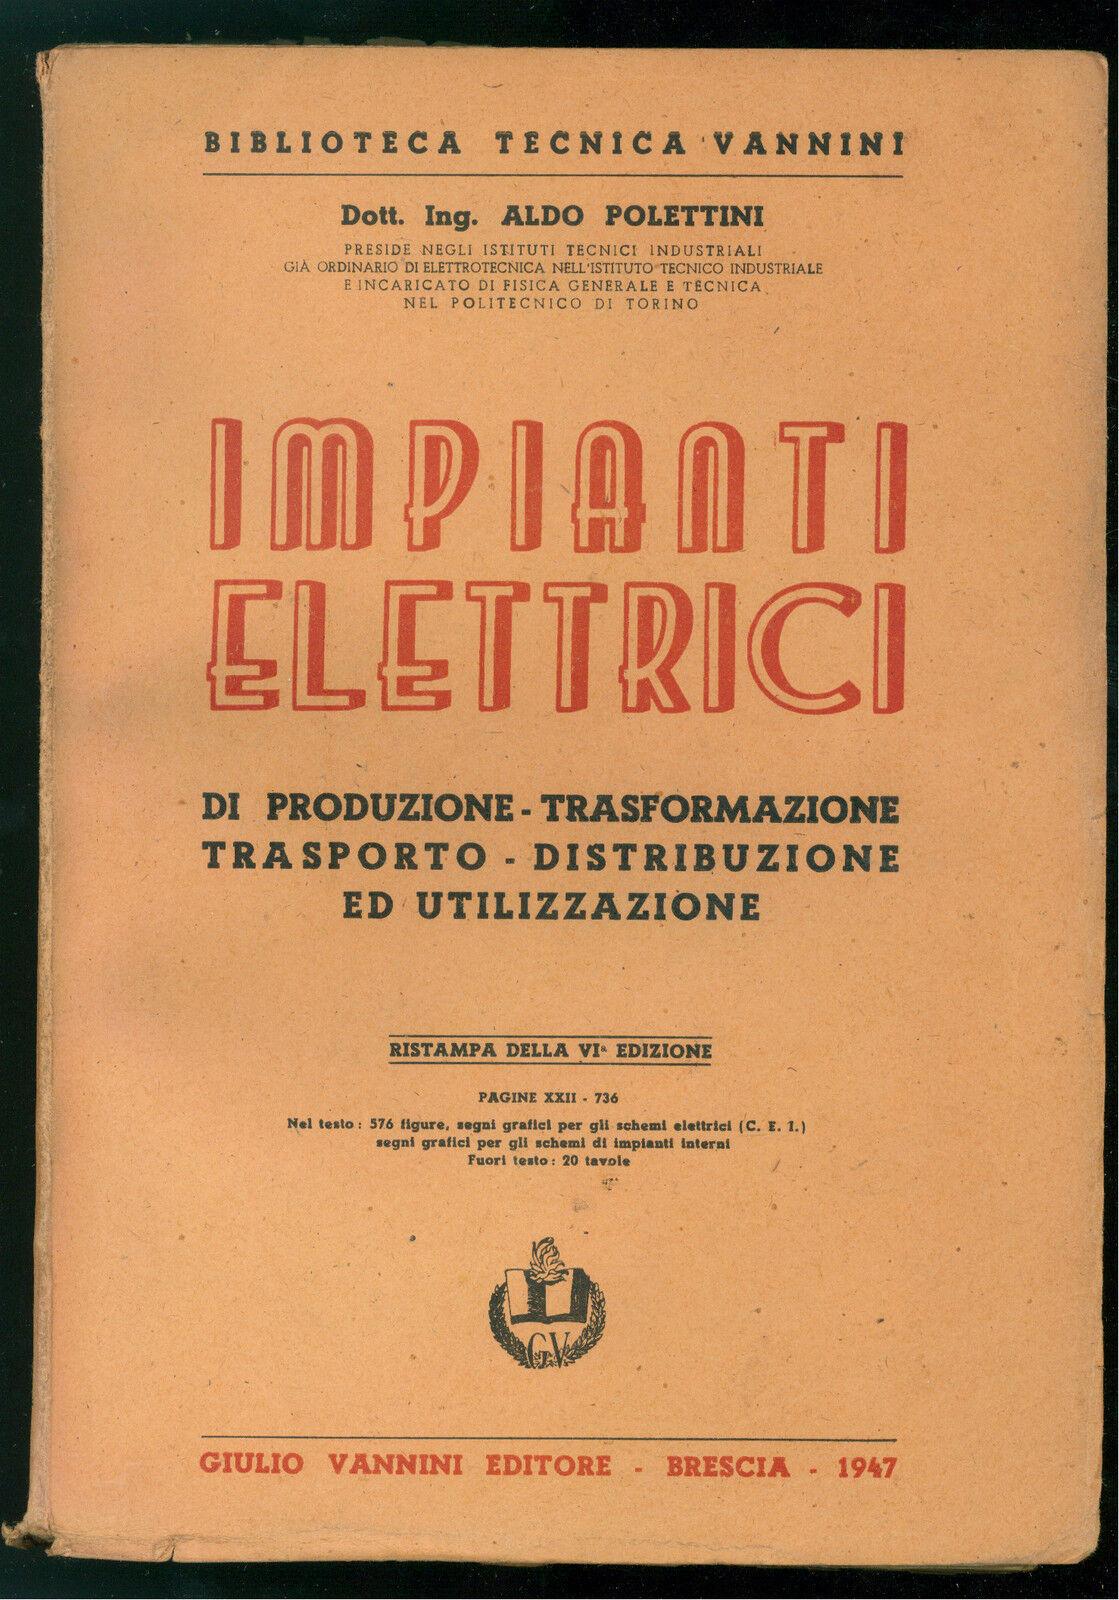 Schemi Elettrici Per Impianti Industriali : Polettini aldo impianti elettrici vannini biblioteca tecnica